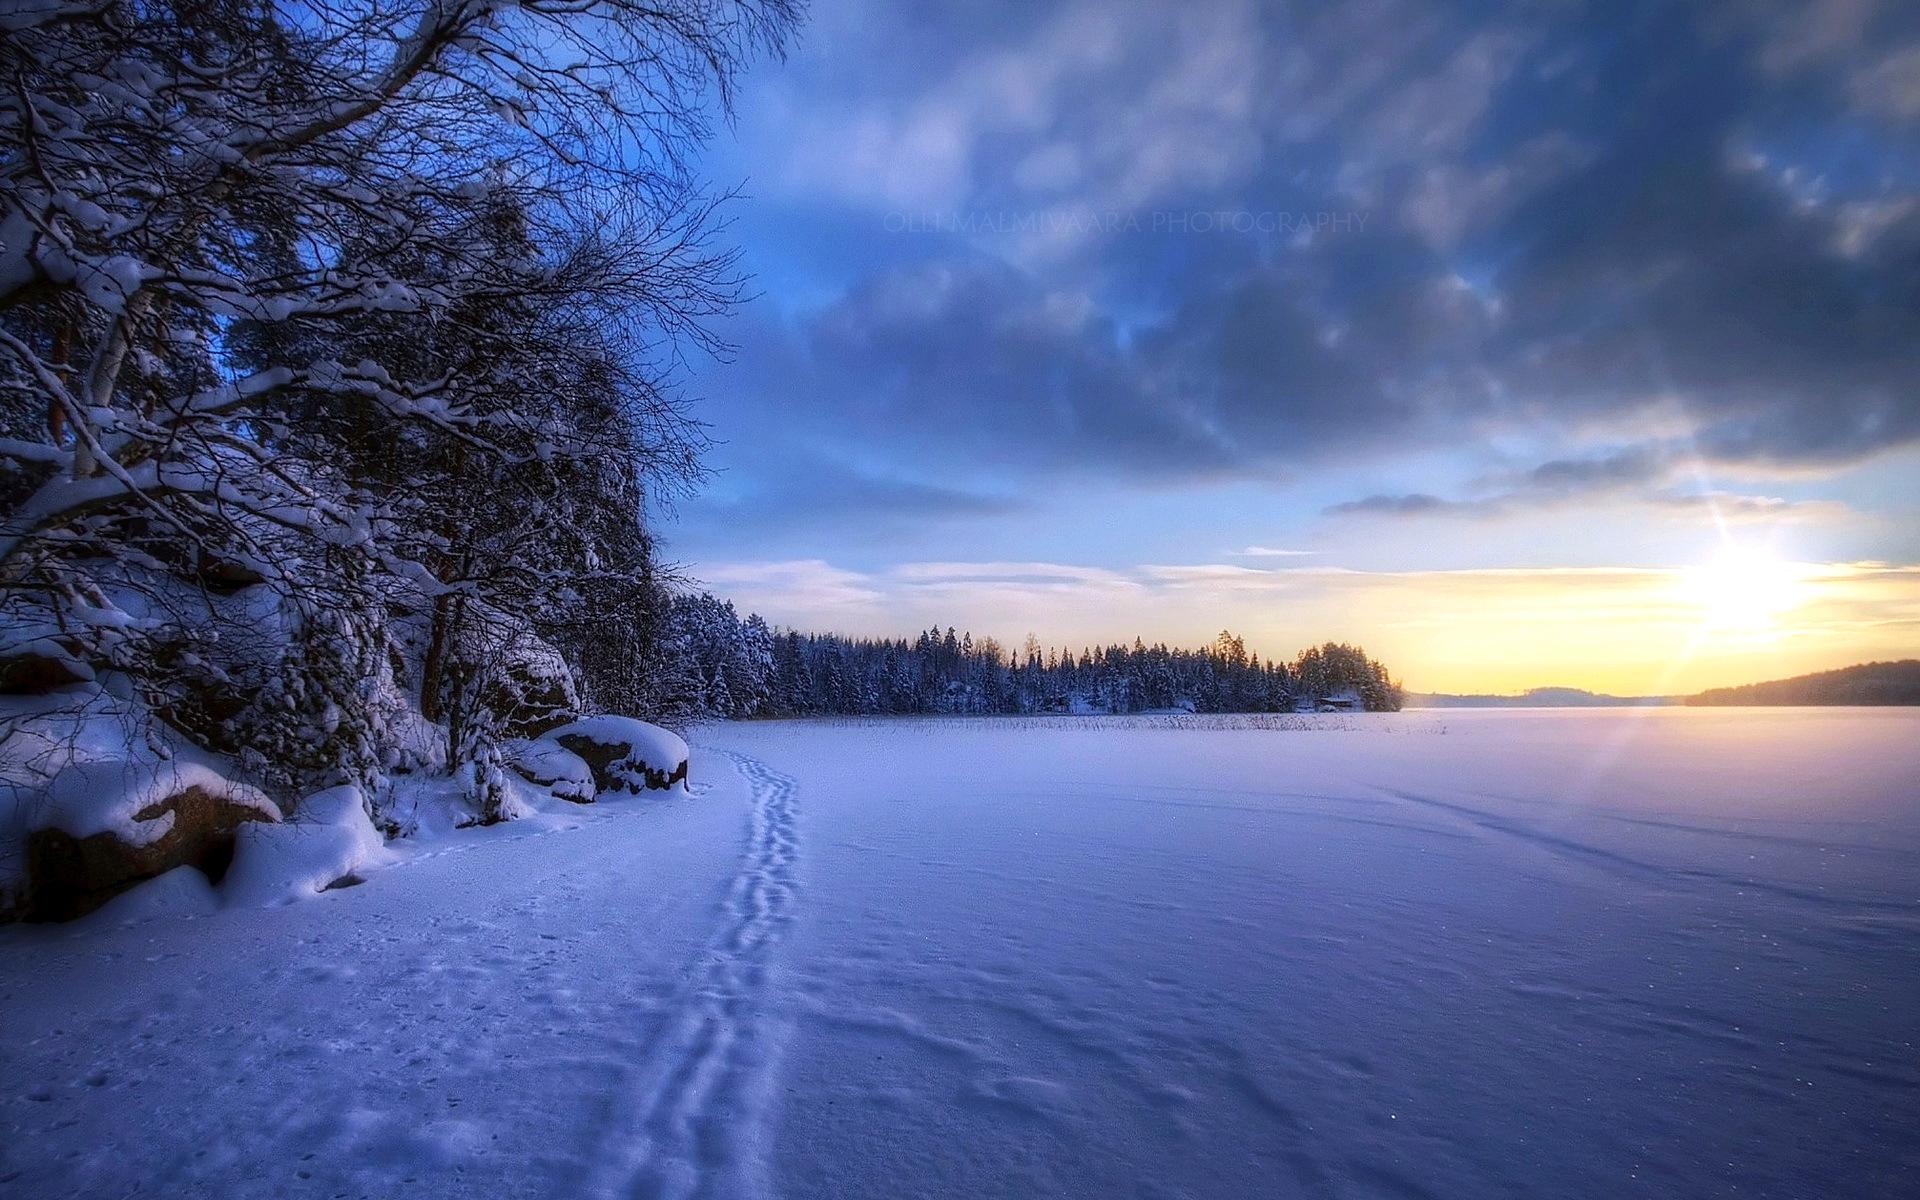 зимние пейзажи фотографии на рабочий стол этим было проще